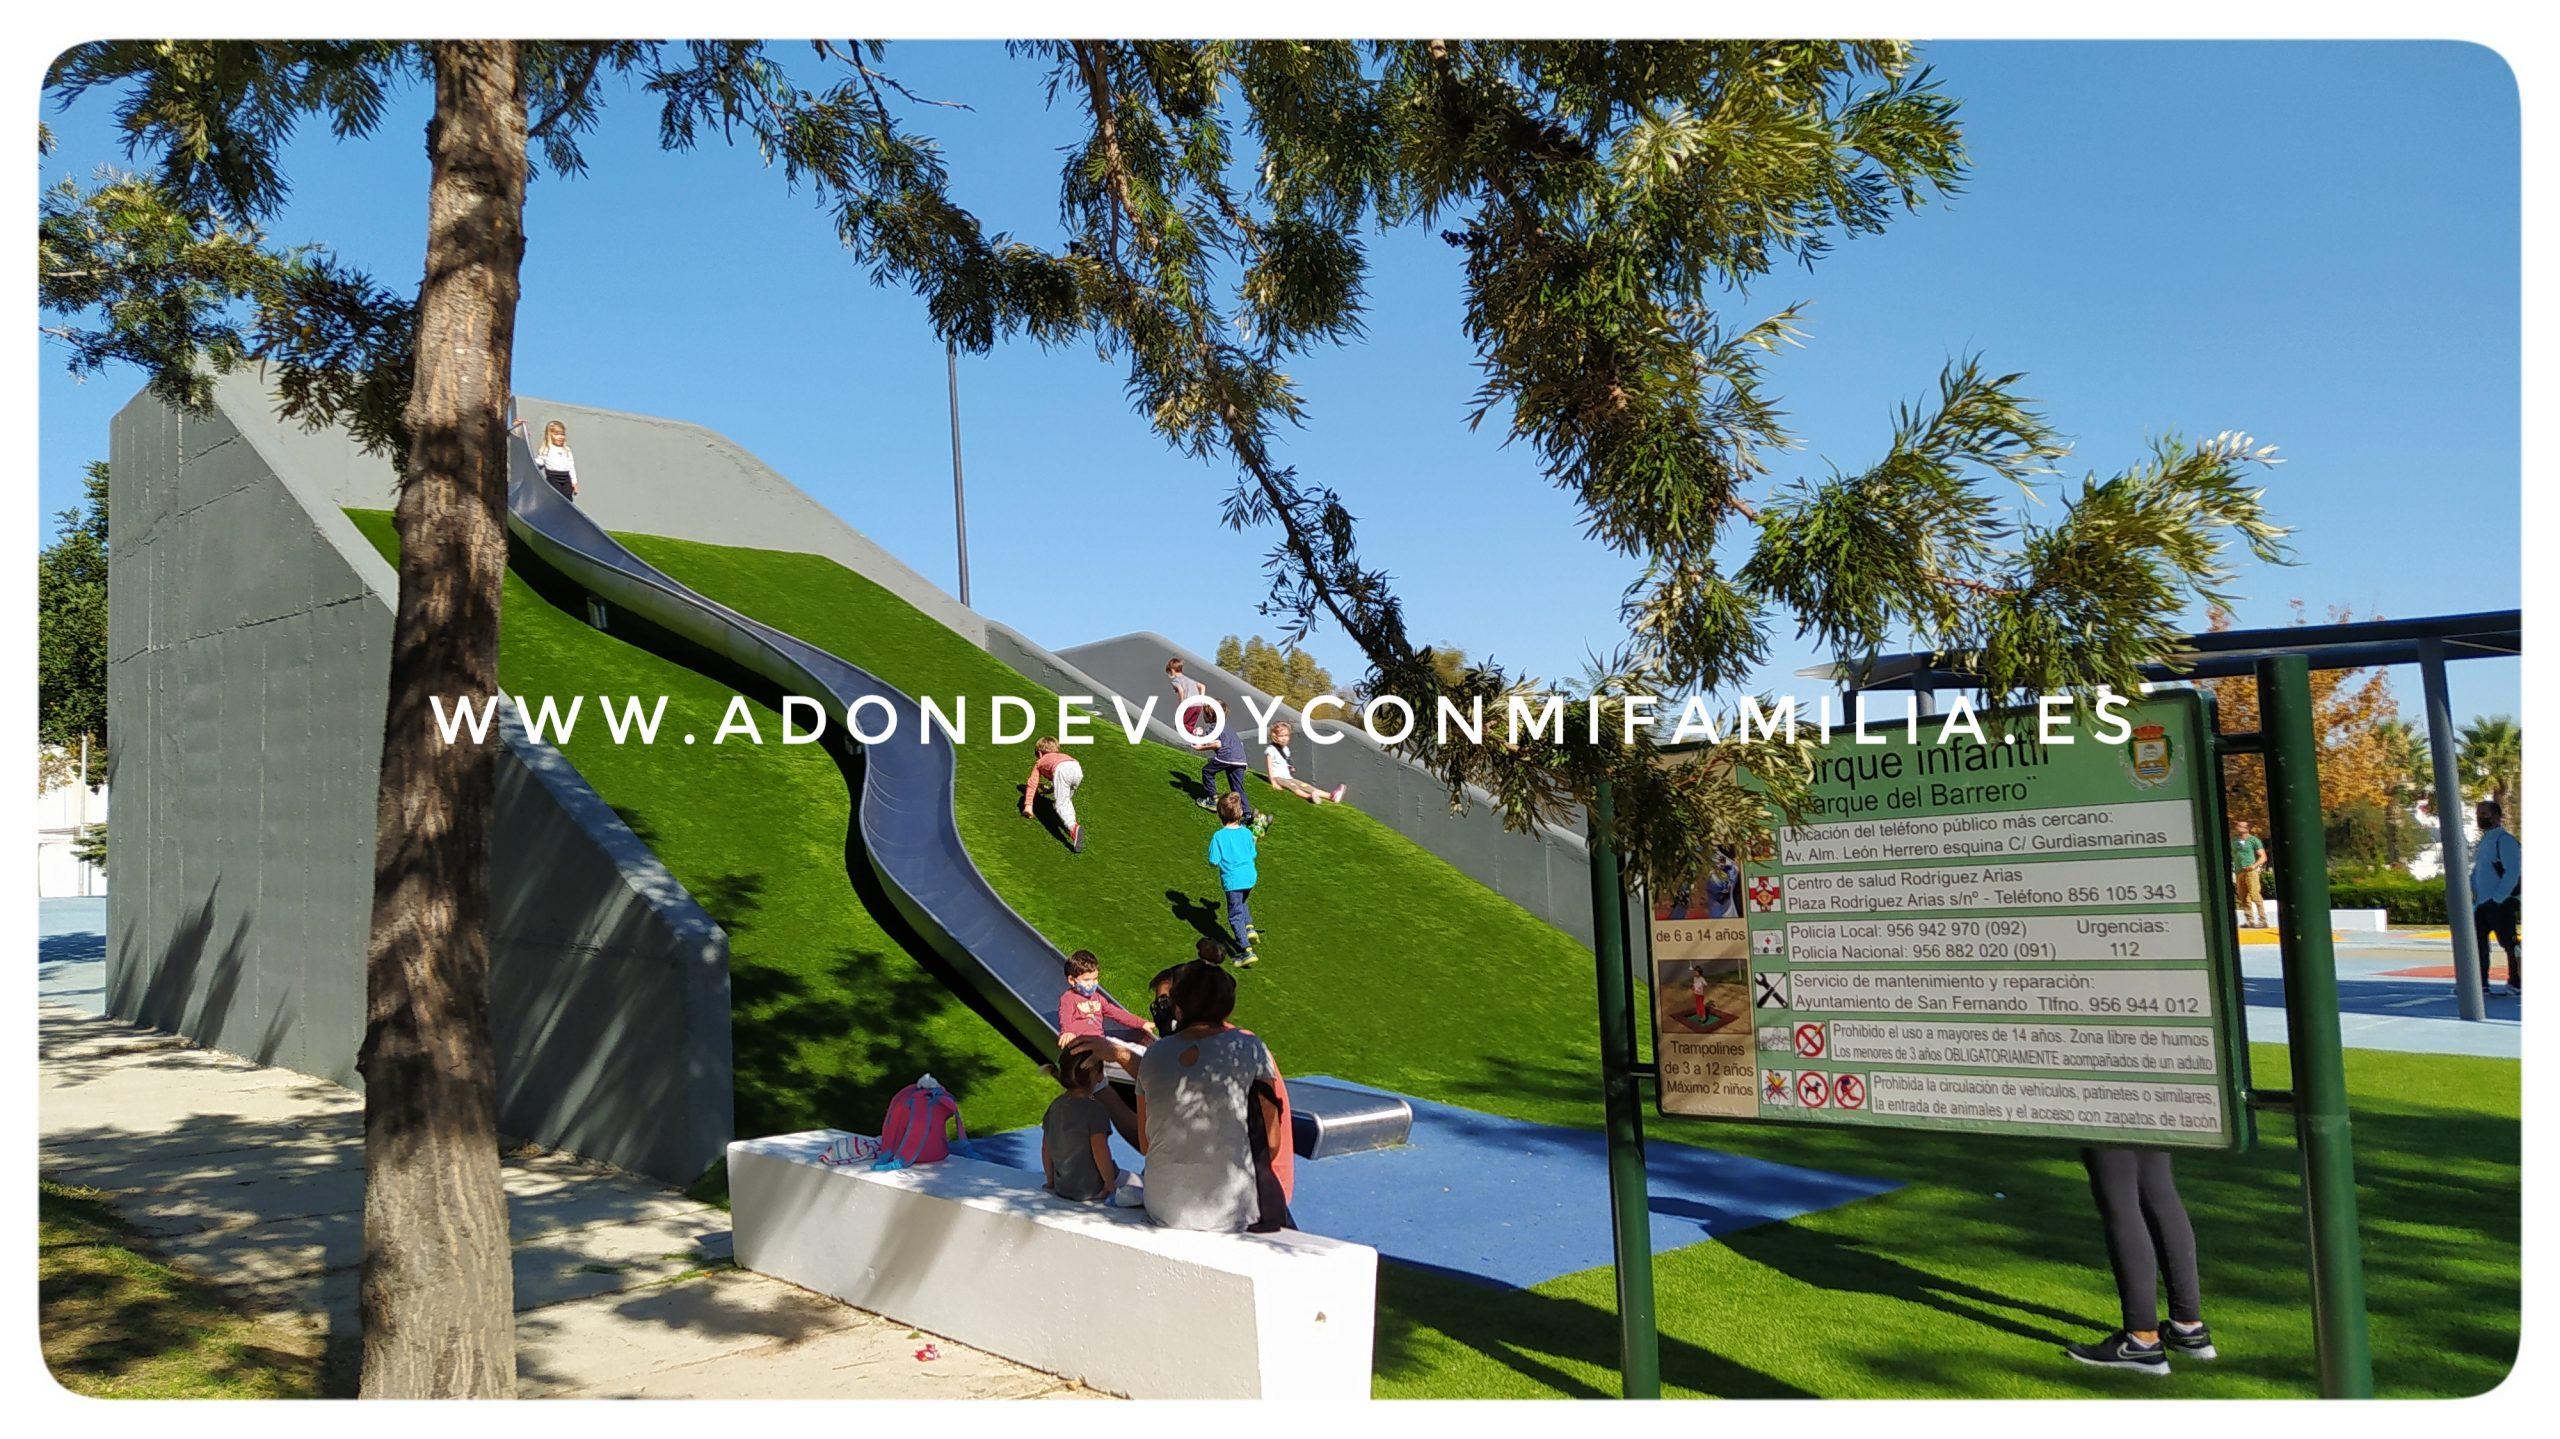 parque barrero adondevoyconmifamilia (4)